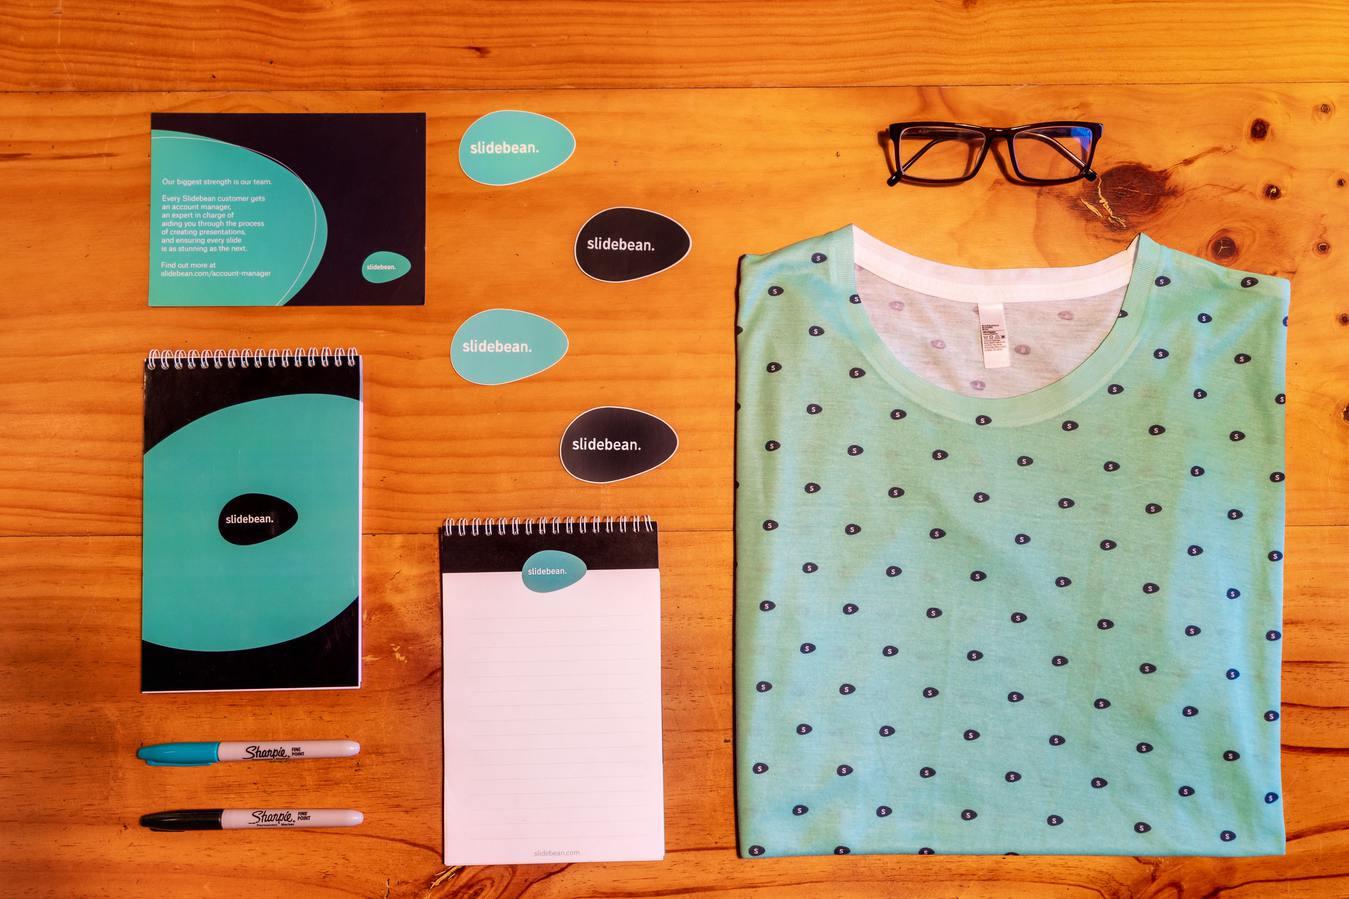 Merk samples met ontwerp op een tafel